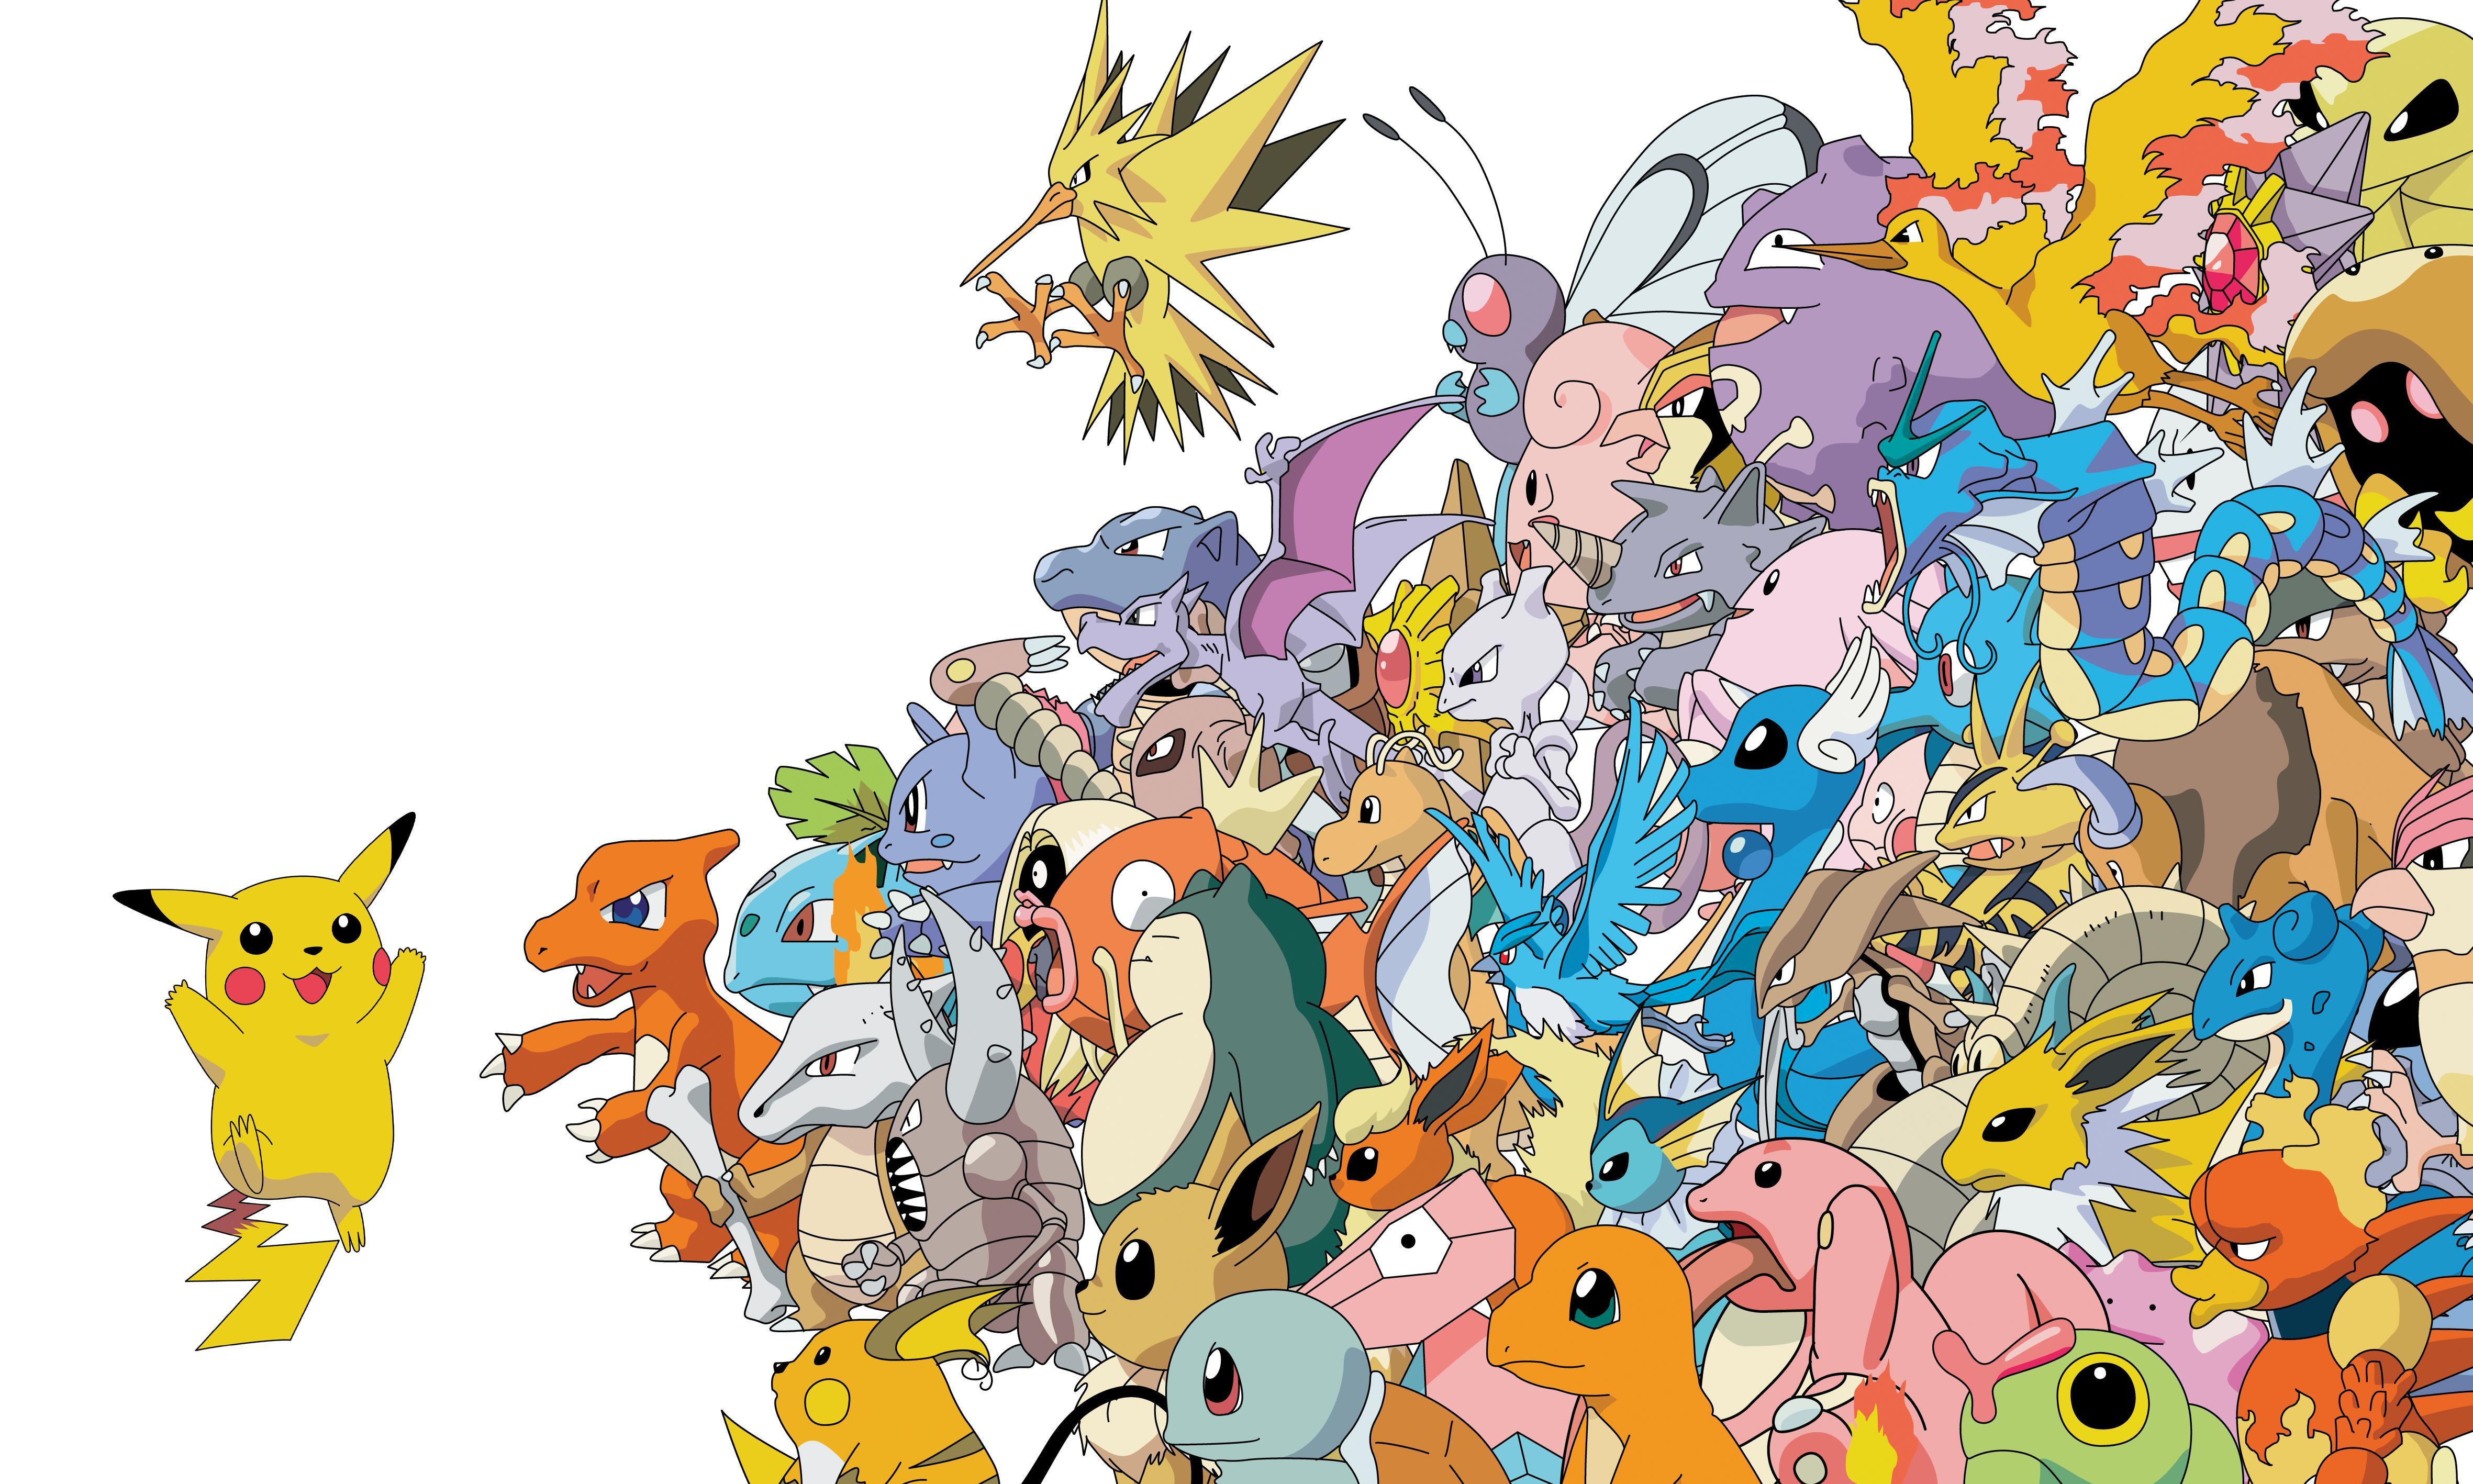 Pokemon tcg xy introduces mega evolution to extremely powerful pokemon ex cards my nintendo news - Evolution pokemon xy ...